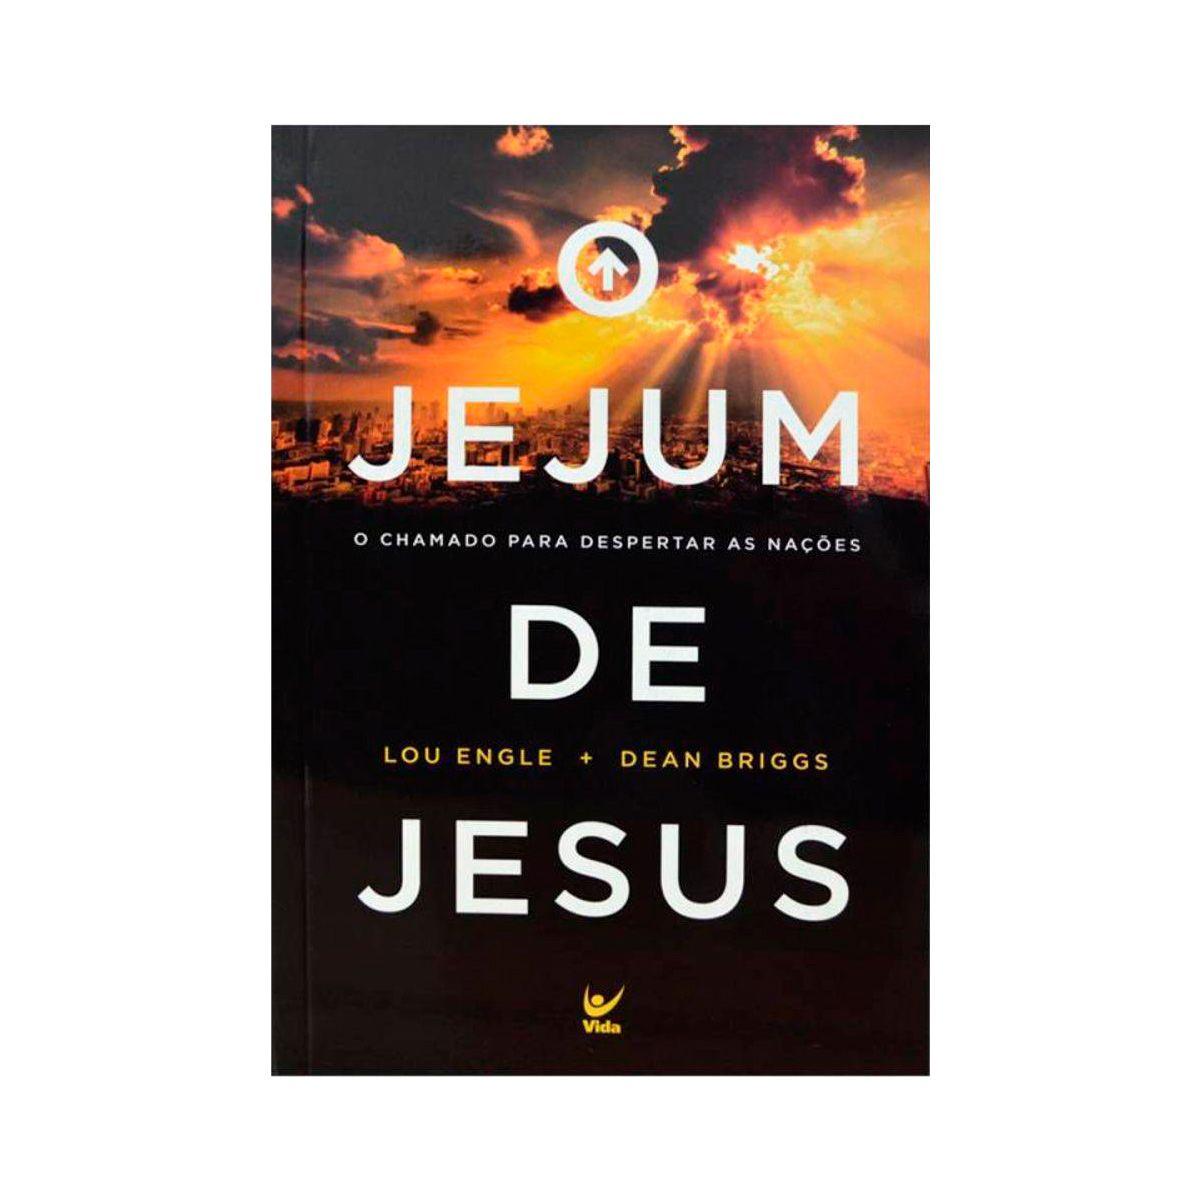 Jejum de Jesus - Lou Engle e Dean Briggs  - Jesuscopy